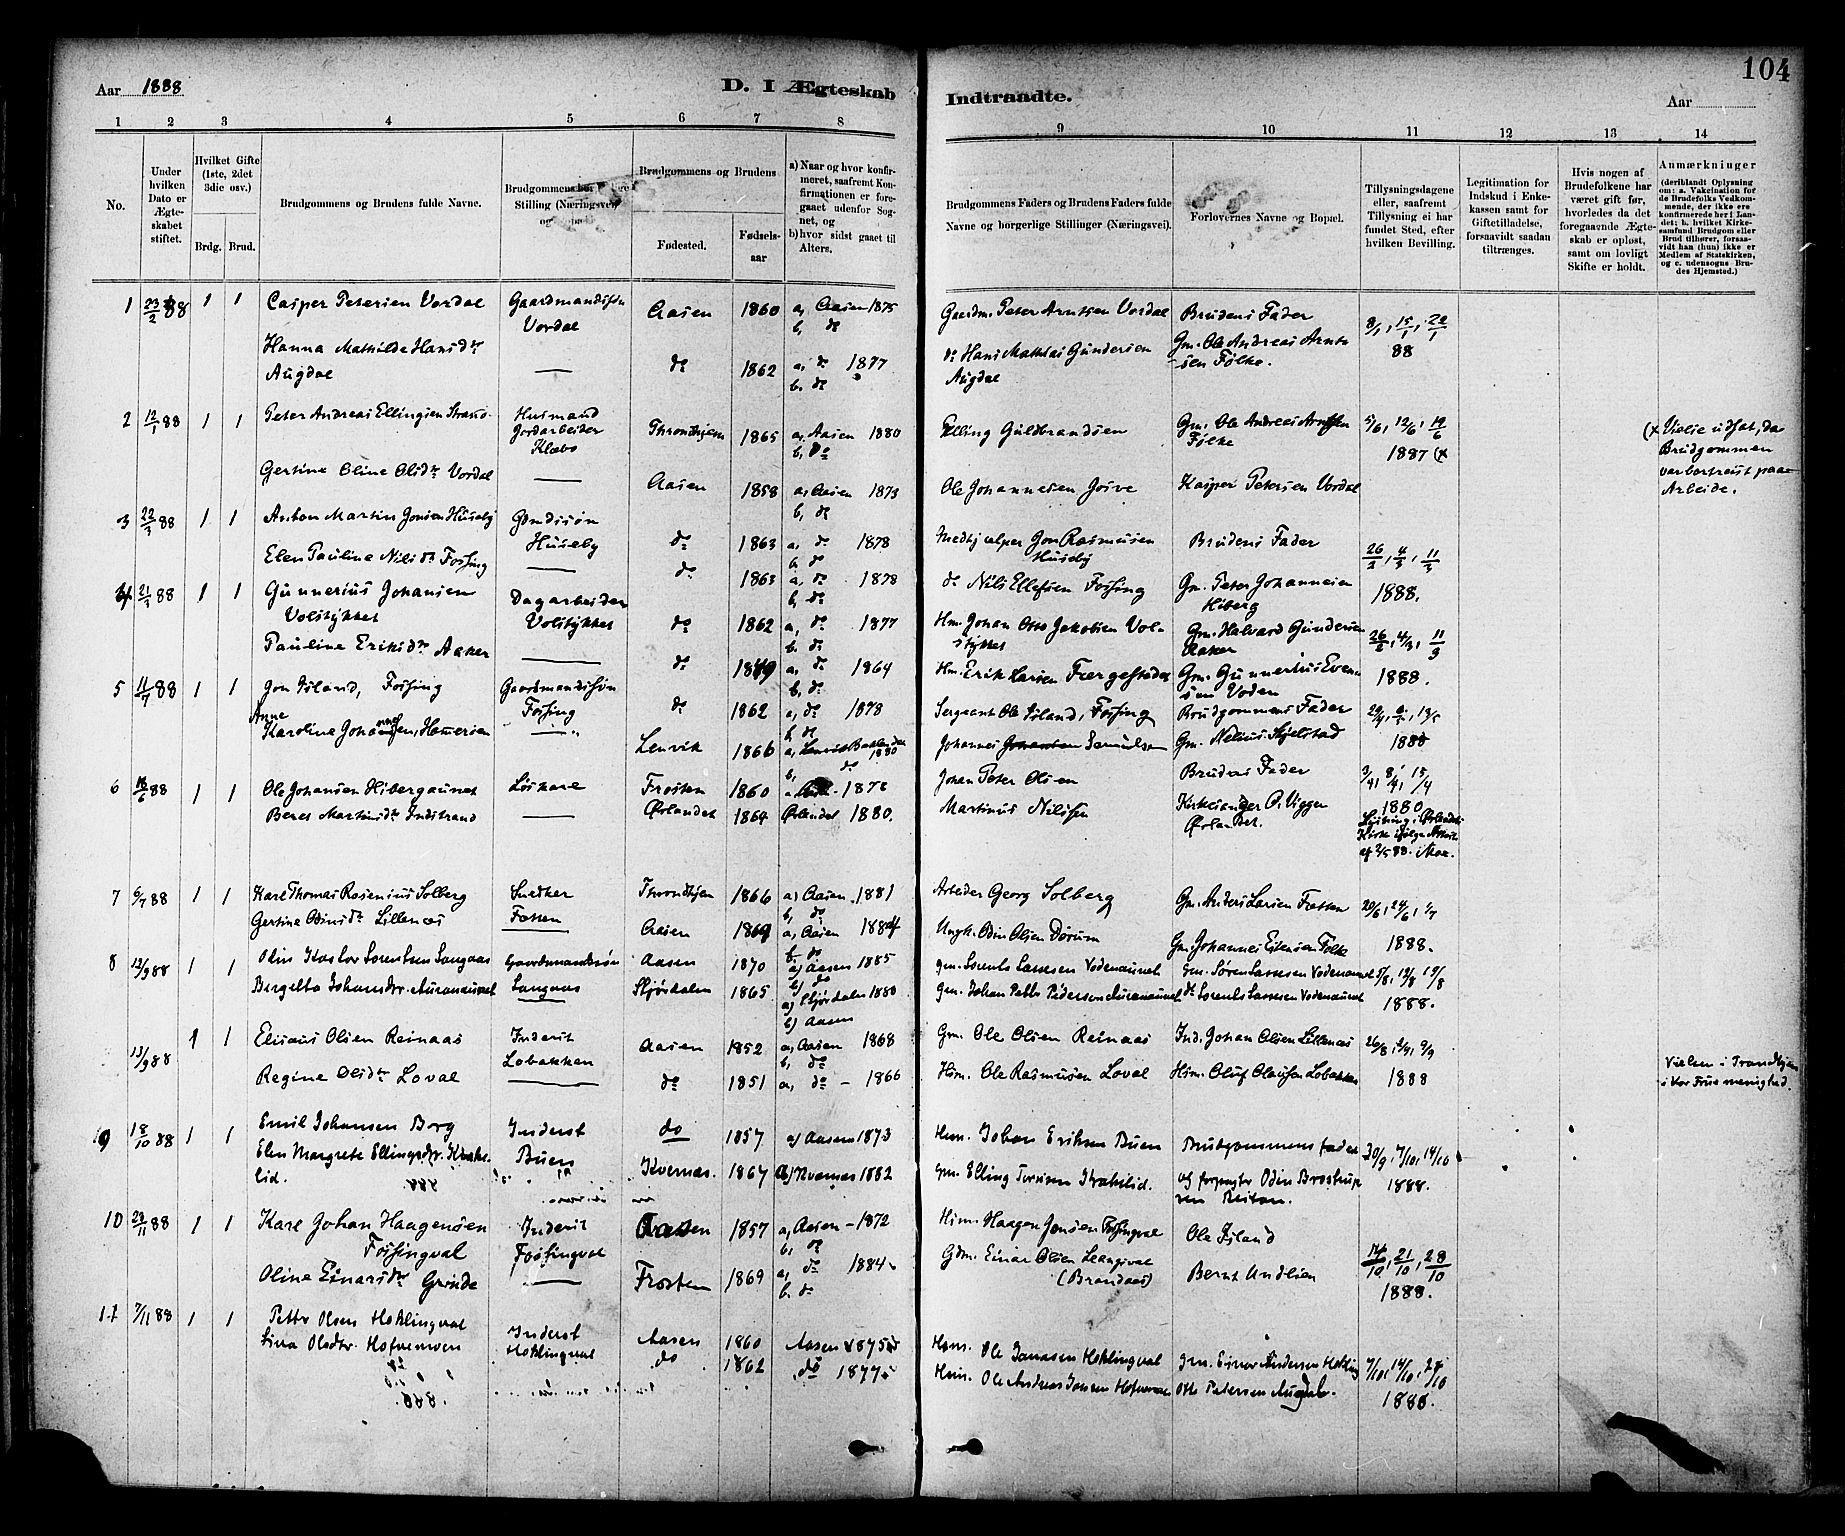 SAT, Ministerialprotokoller, klokkerbøker og fødselsregistre - Nord-Trøndelag, 714/L0130: Ministerialbok nr. 714A01, 1878-1895, s. 104